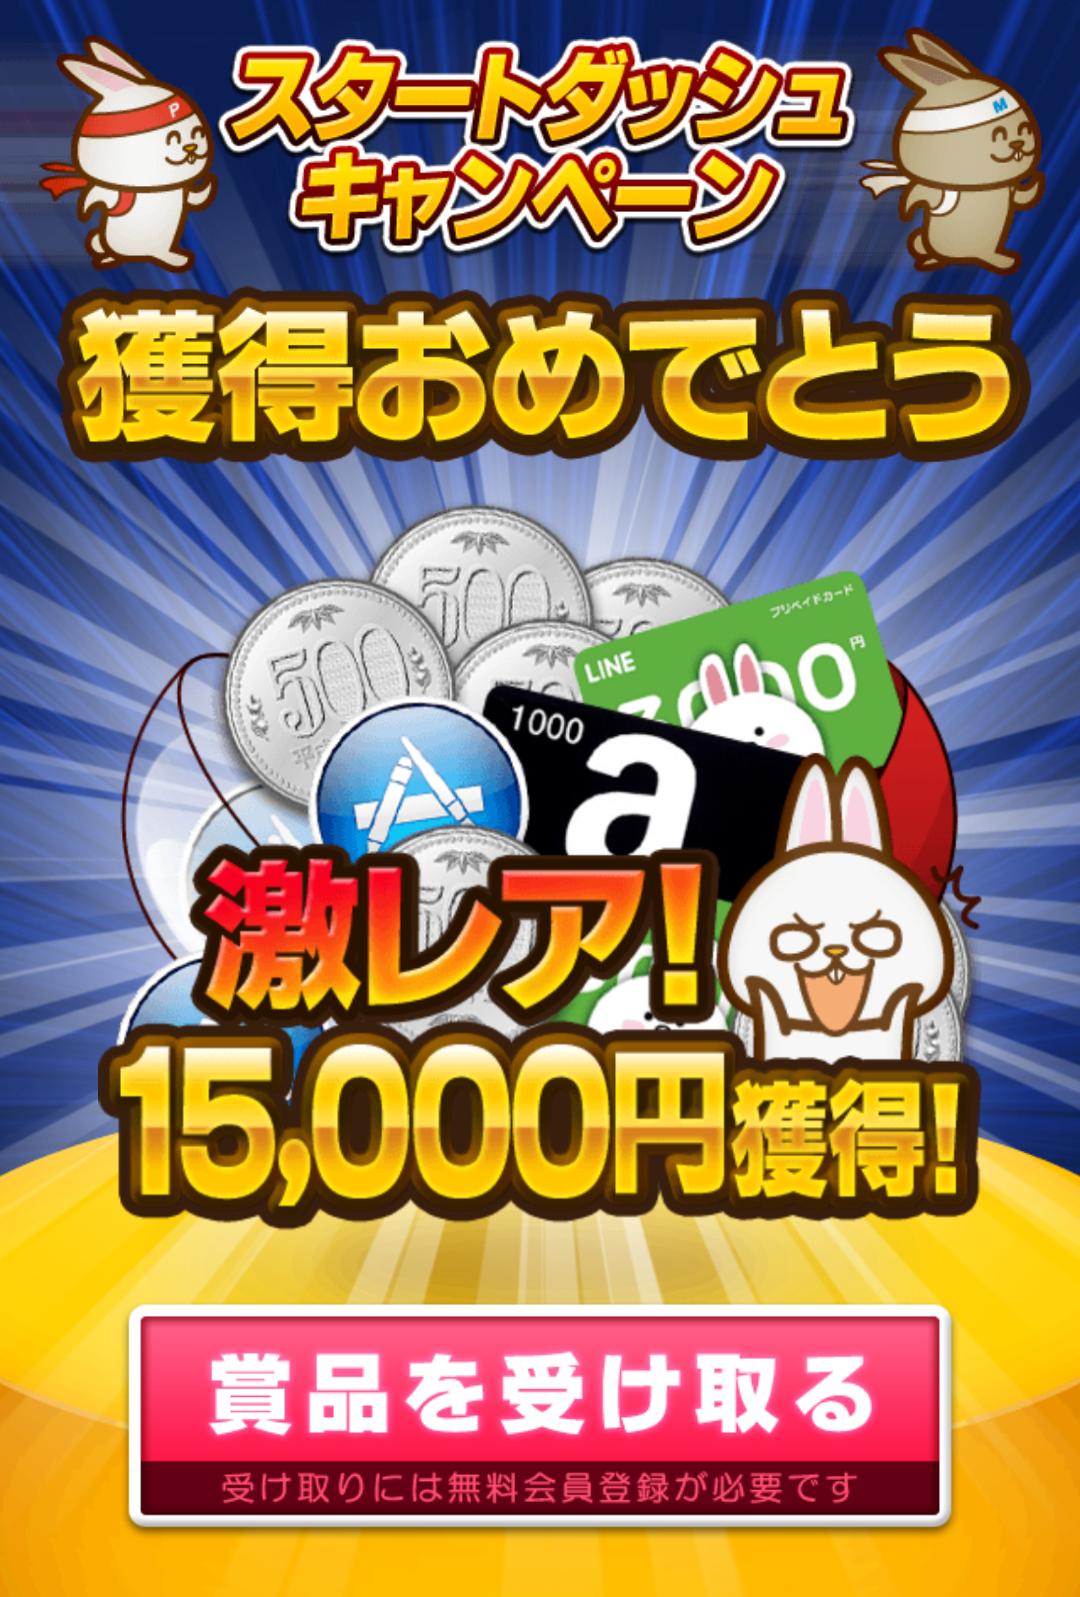 ポイントモール/15,000円